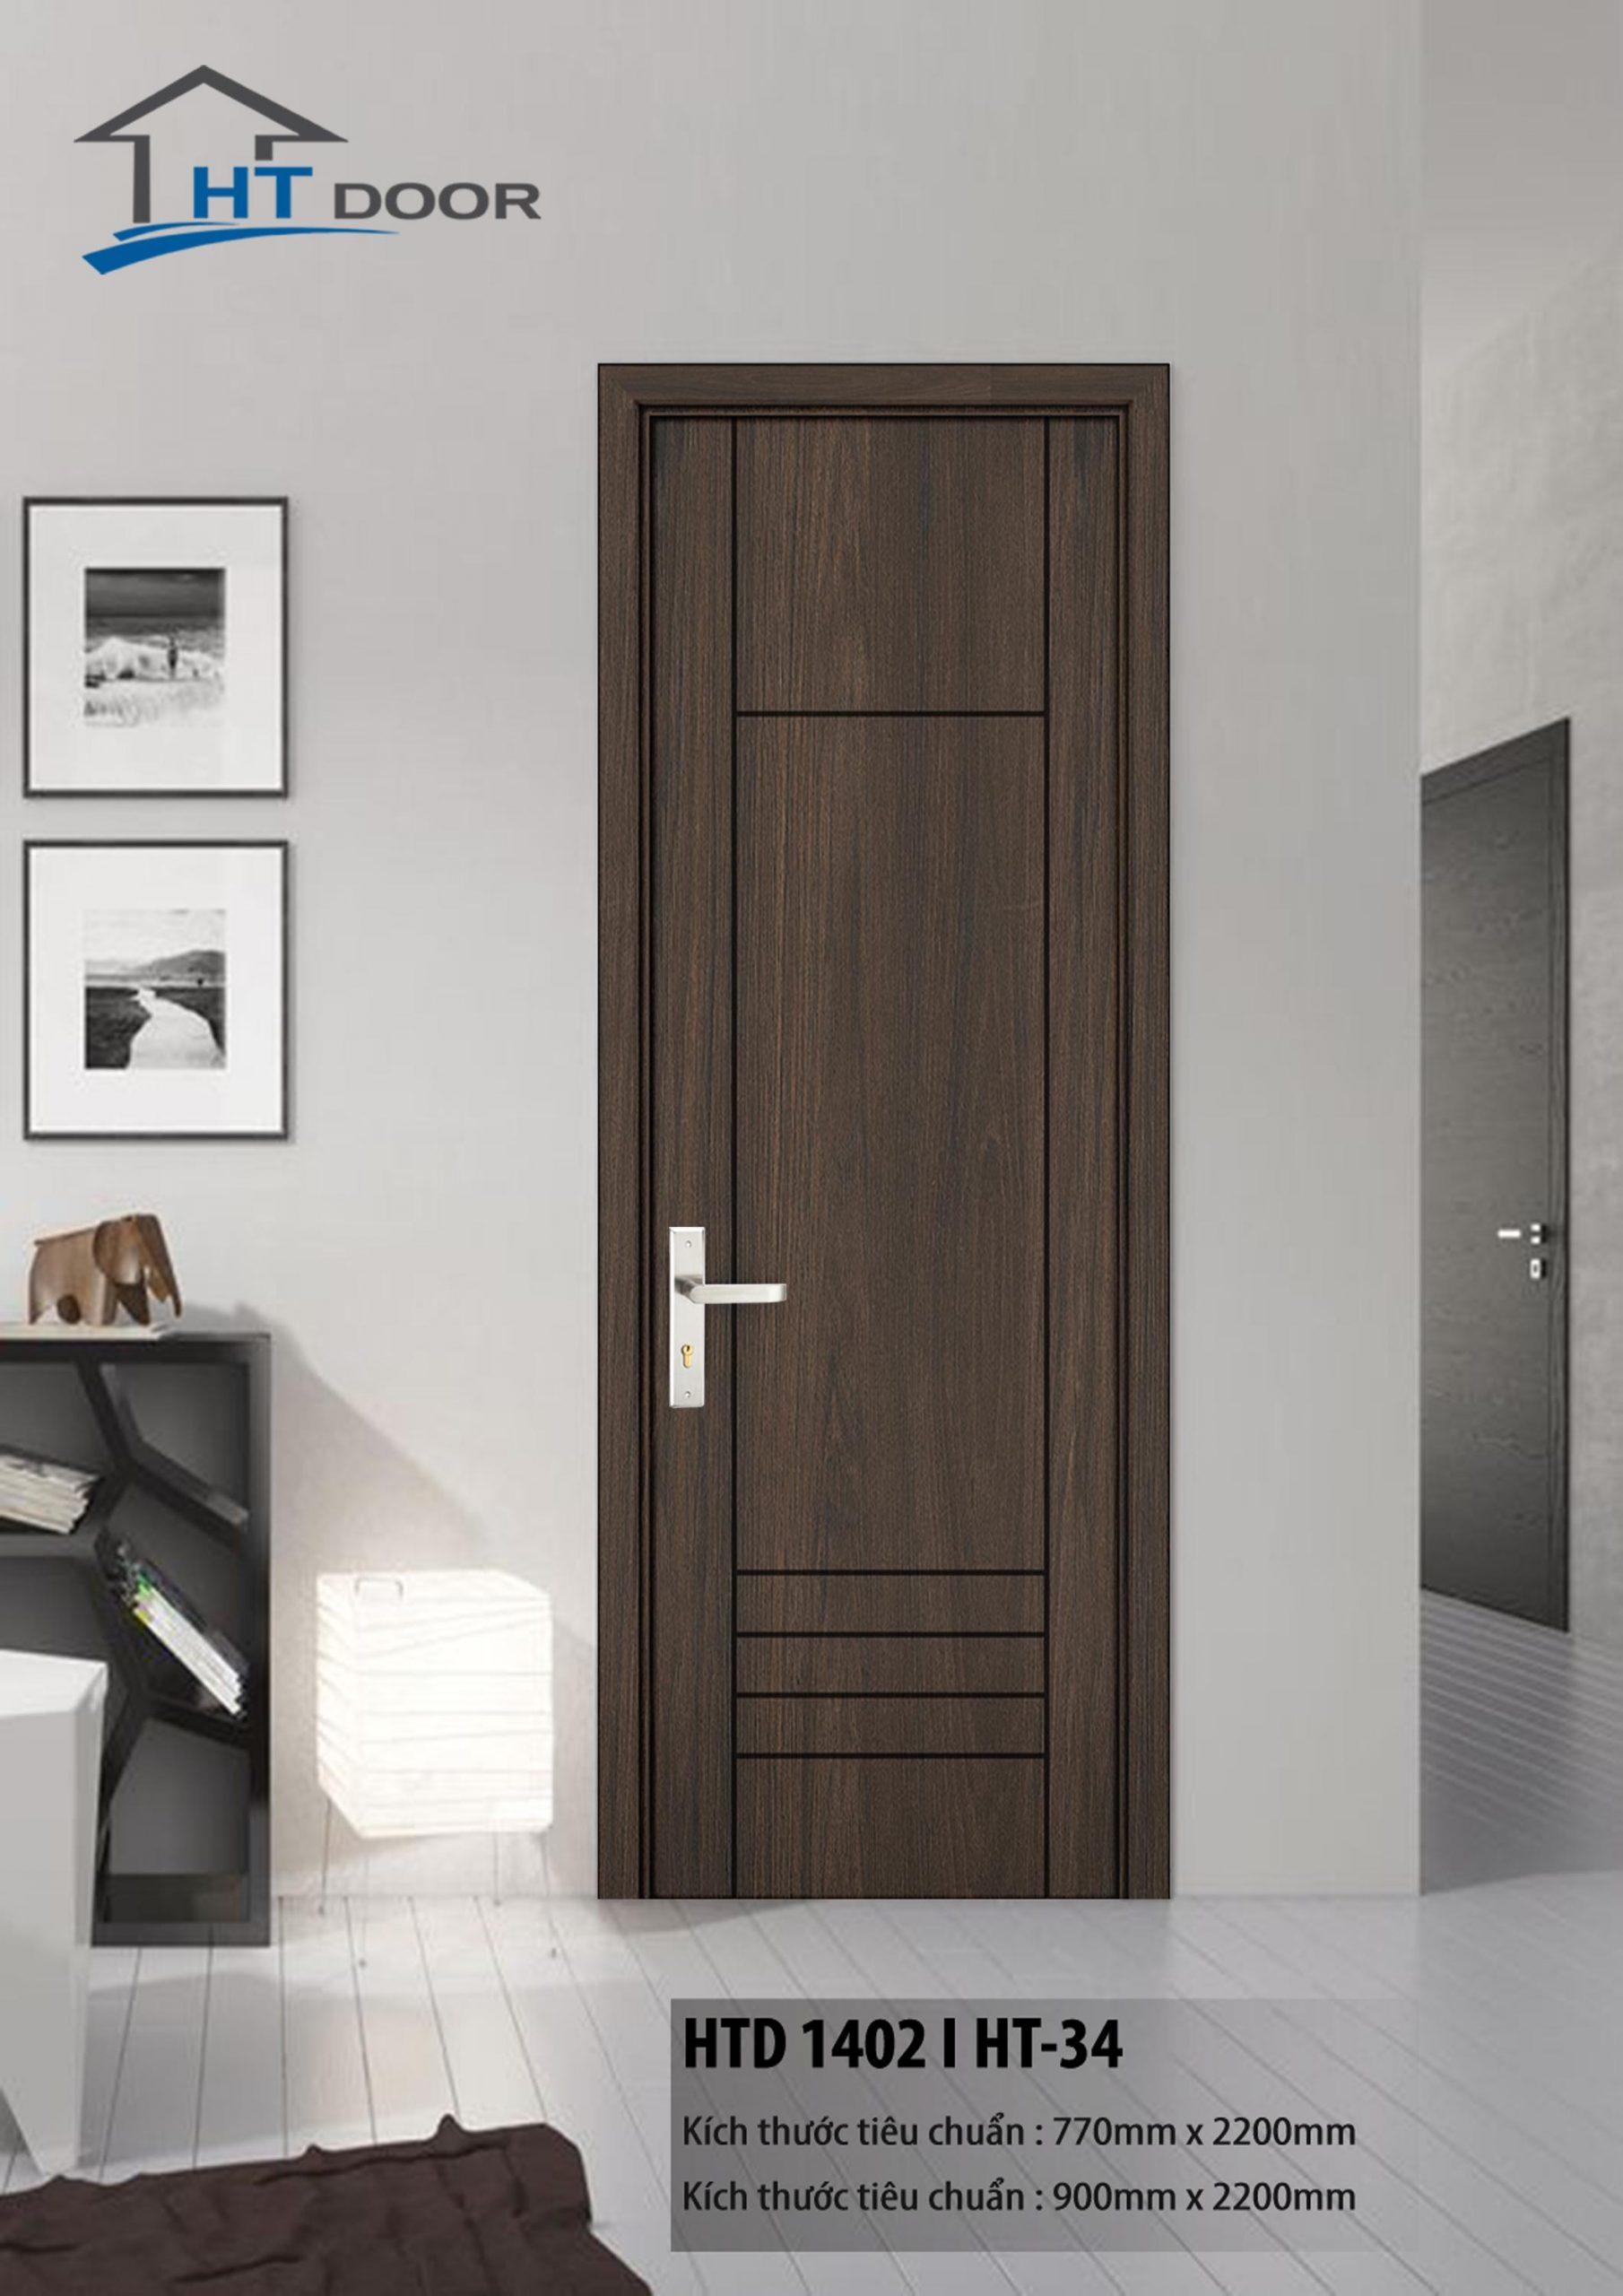 Mẫu cửa nhựa composite HTdoor sang trọng, hiện đại